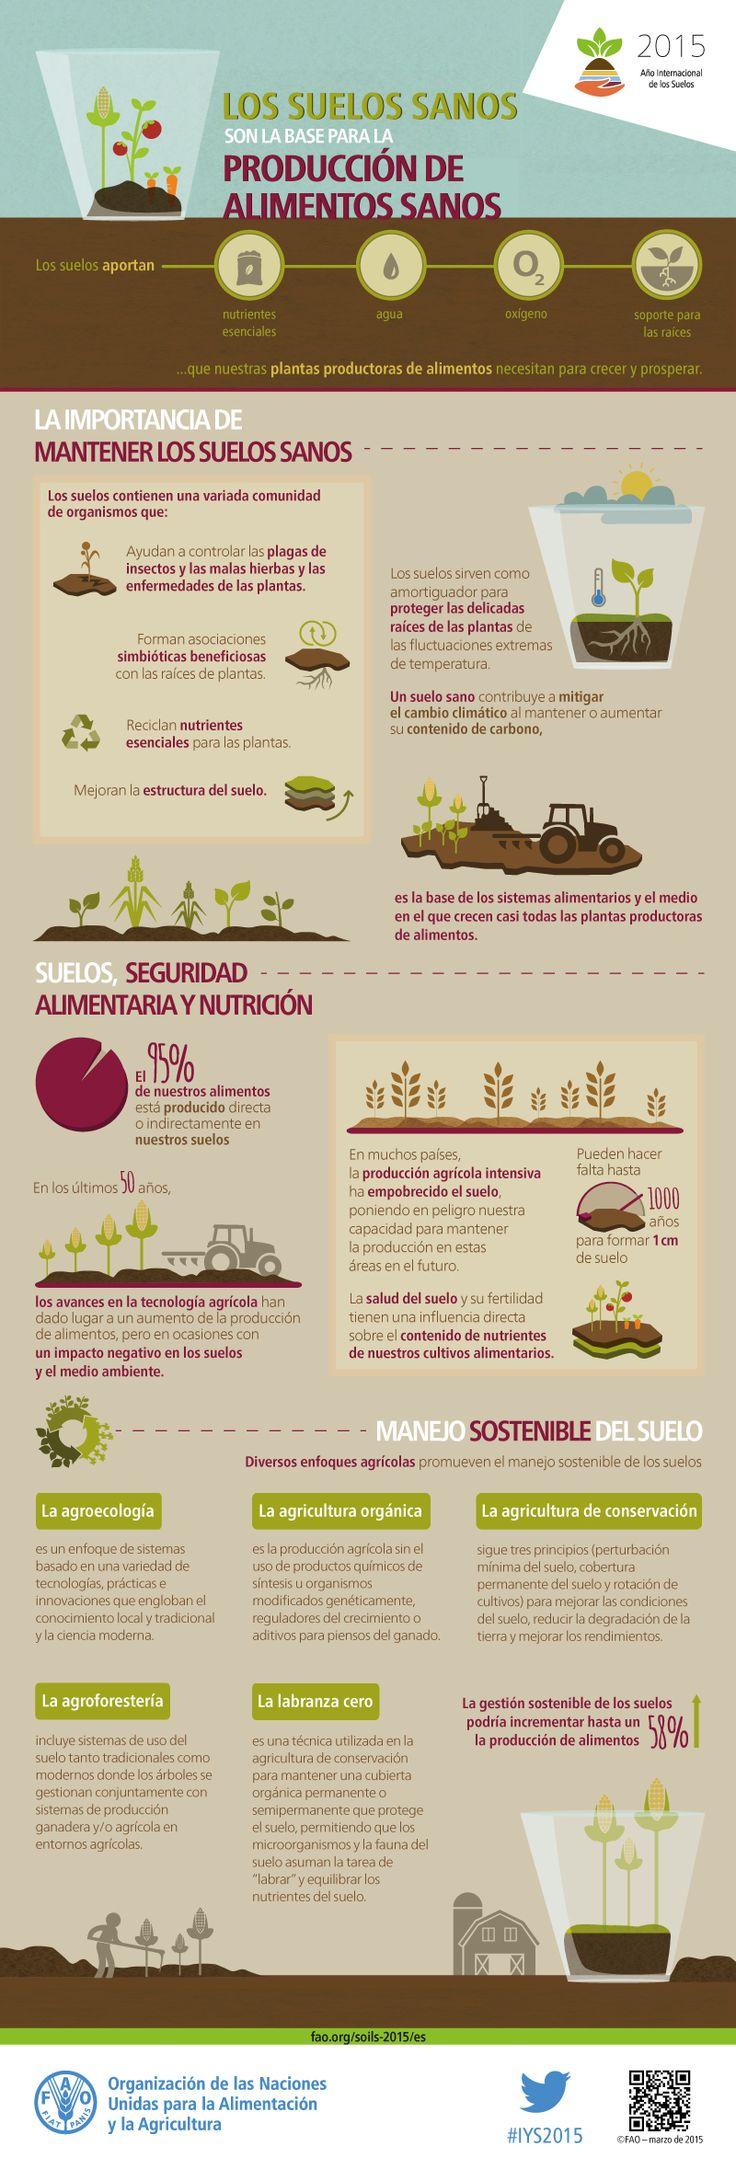 Infografía: Los suelos sanos son la base para la producción de alimentos saludables -  Los suelos sanos son el fundamento del sistema alimentario. Nuestros suelos son la base de la agricultura y el medio en el que crecen casi todas las plantas destinadas a la producción de alimentos. Los suelos sanos producen cultivos sanos que alimentan a las personas y a los animales. De hecho, la calidad de los suelos está directamente relacionada con la calidad y la cantidad de alimentos. - Fuente: FAO